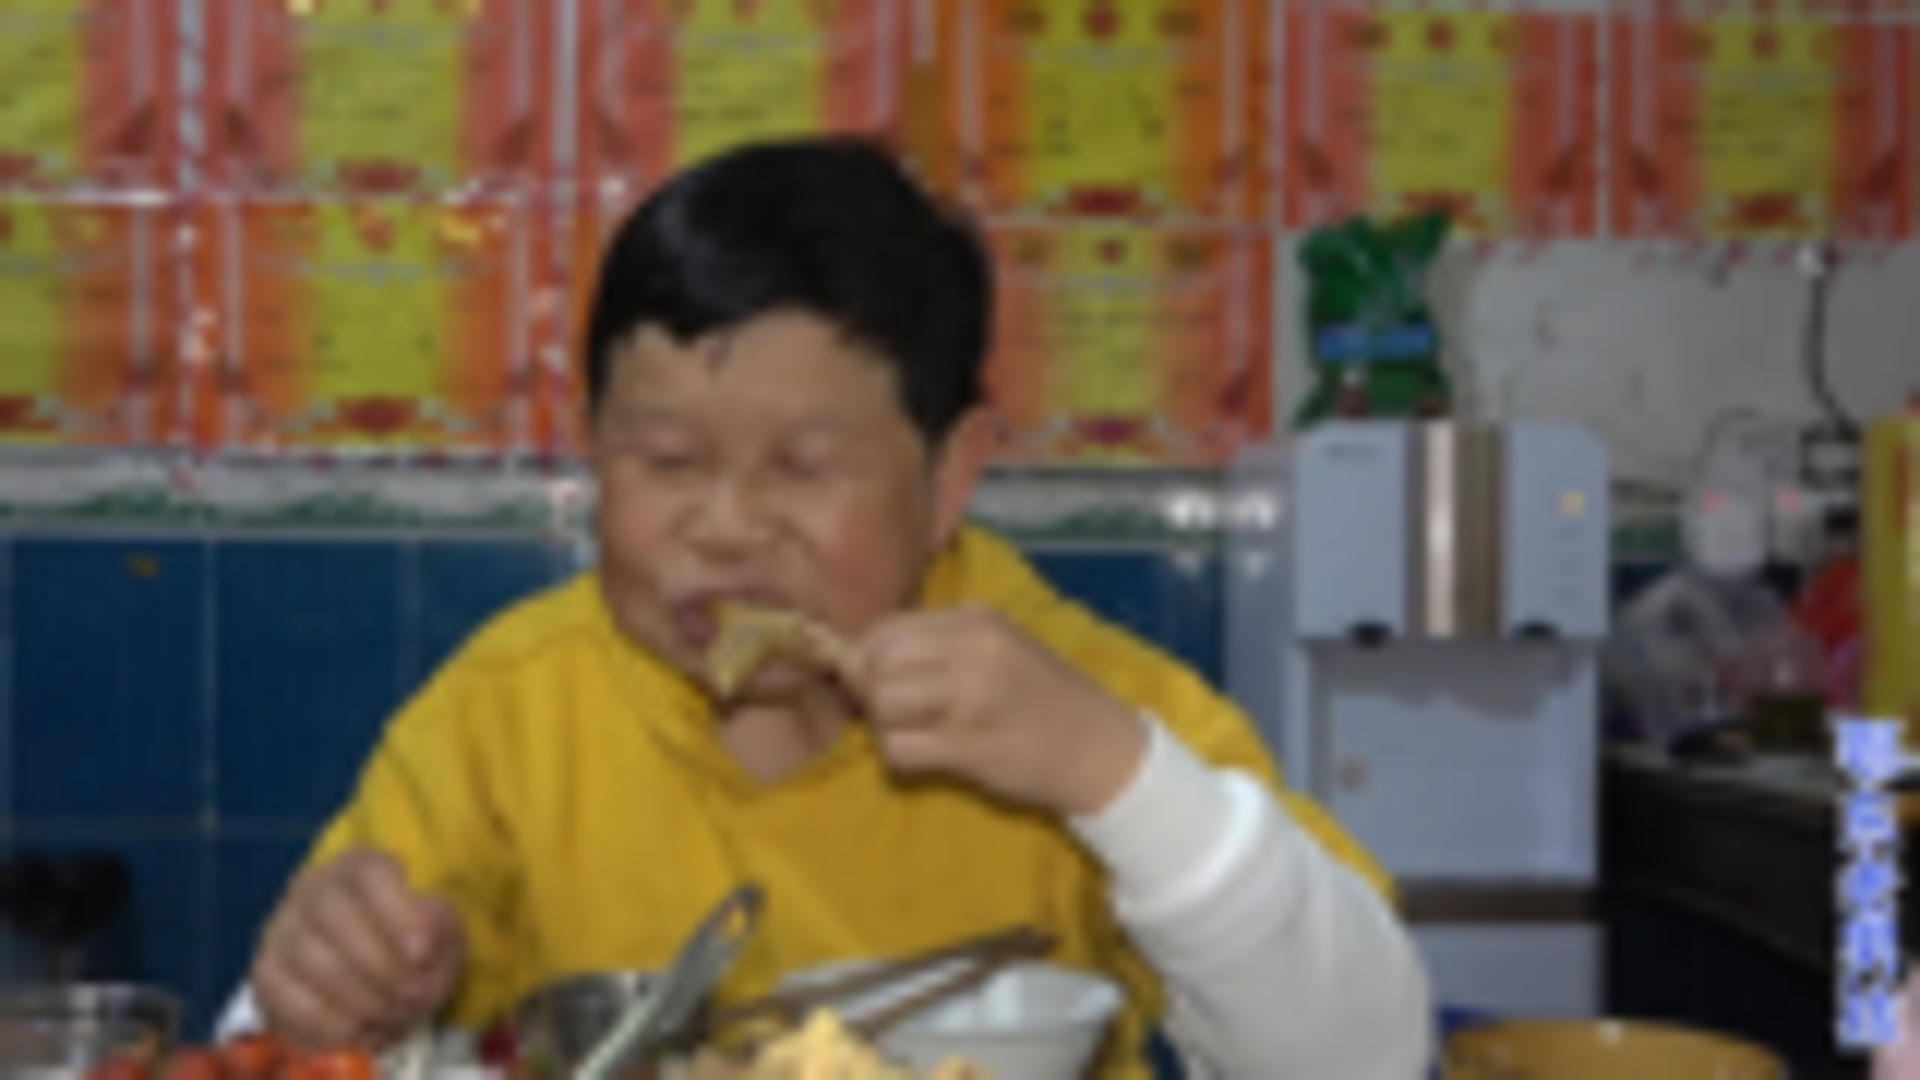 老男孩:冰箱里有只鸡太占地方,拿出来炖板栗,配上老米酒美味